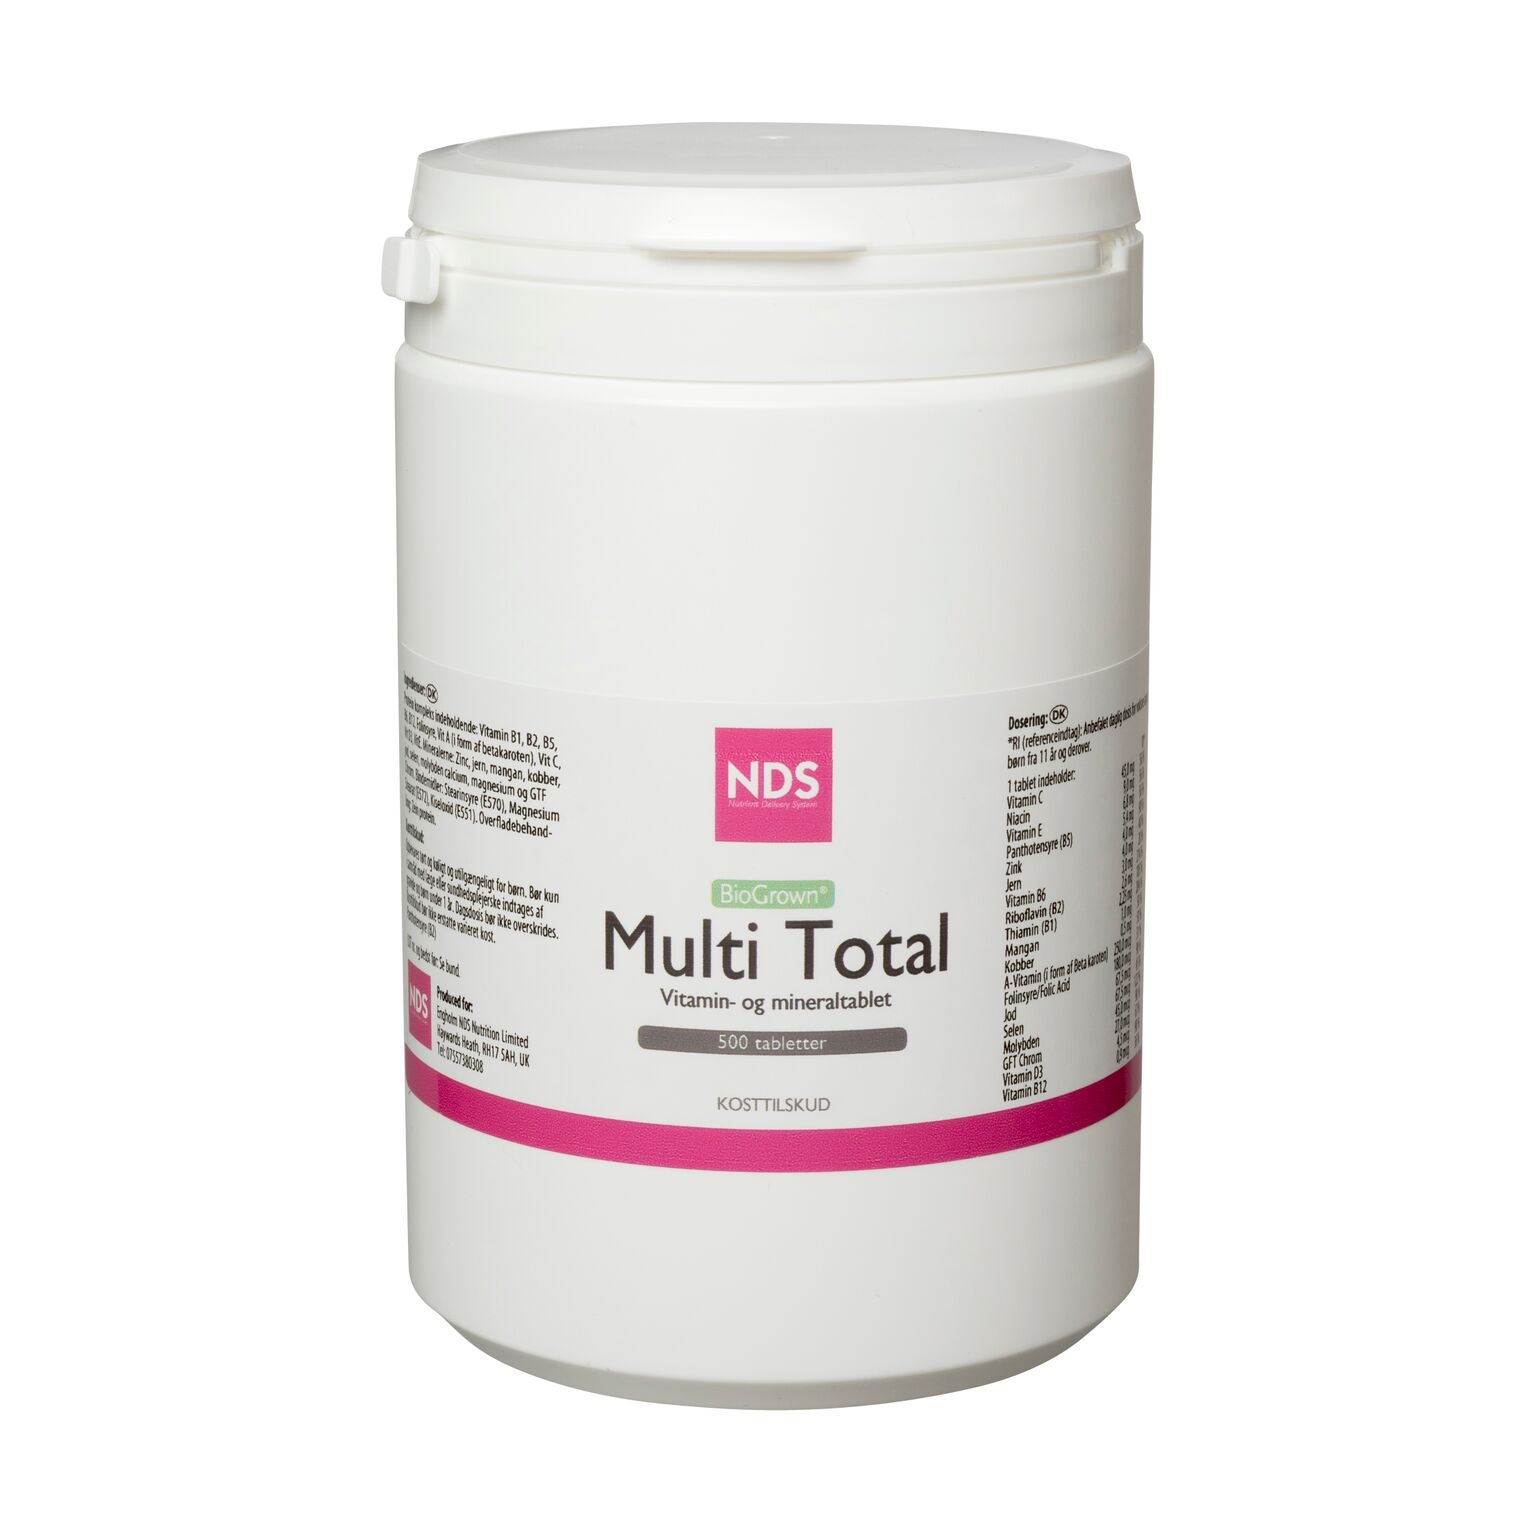 Nds Multi Total - Multivit Og Mineral (500 tab)